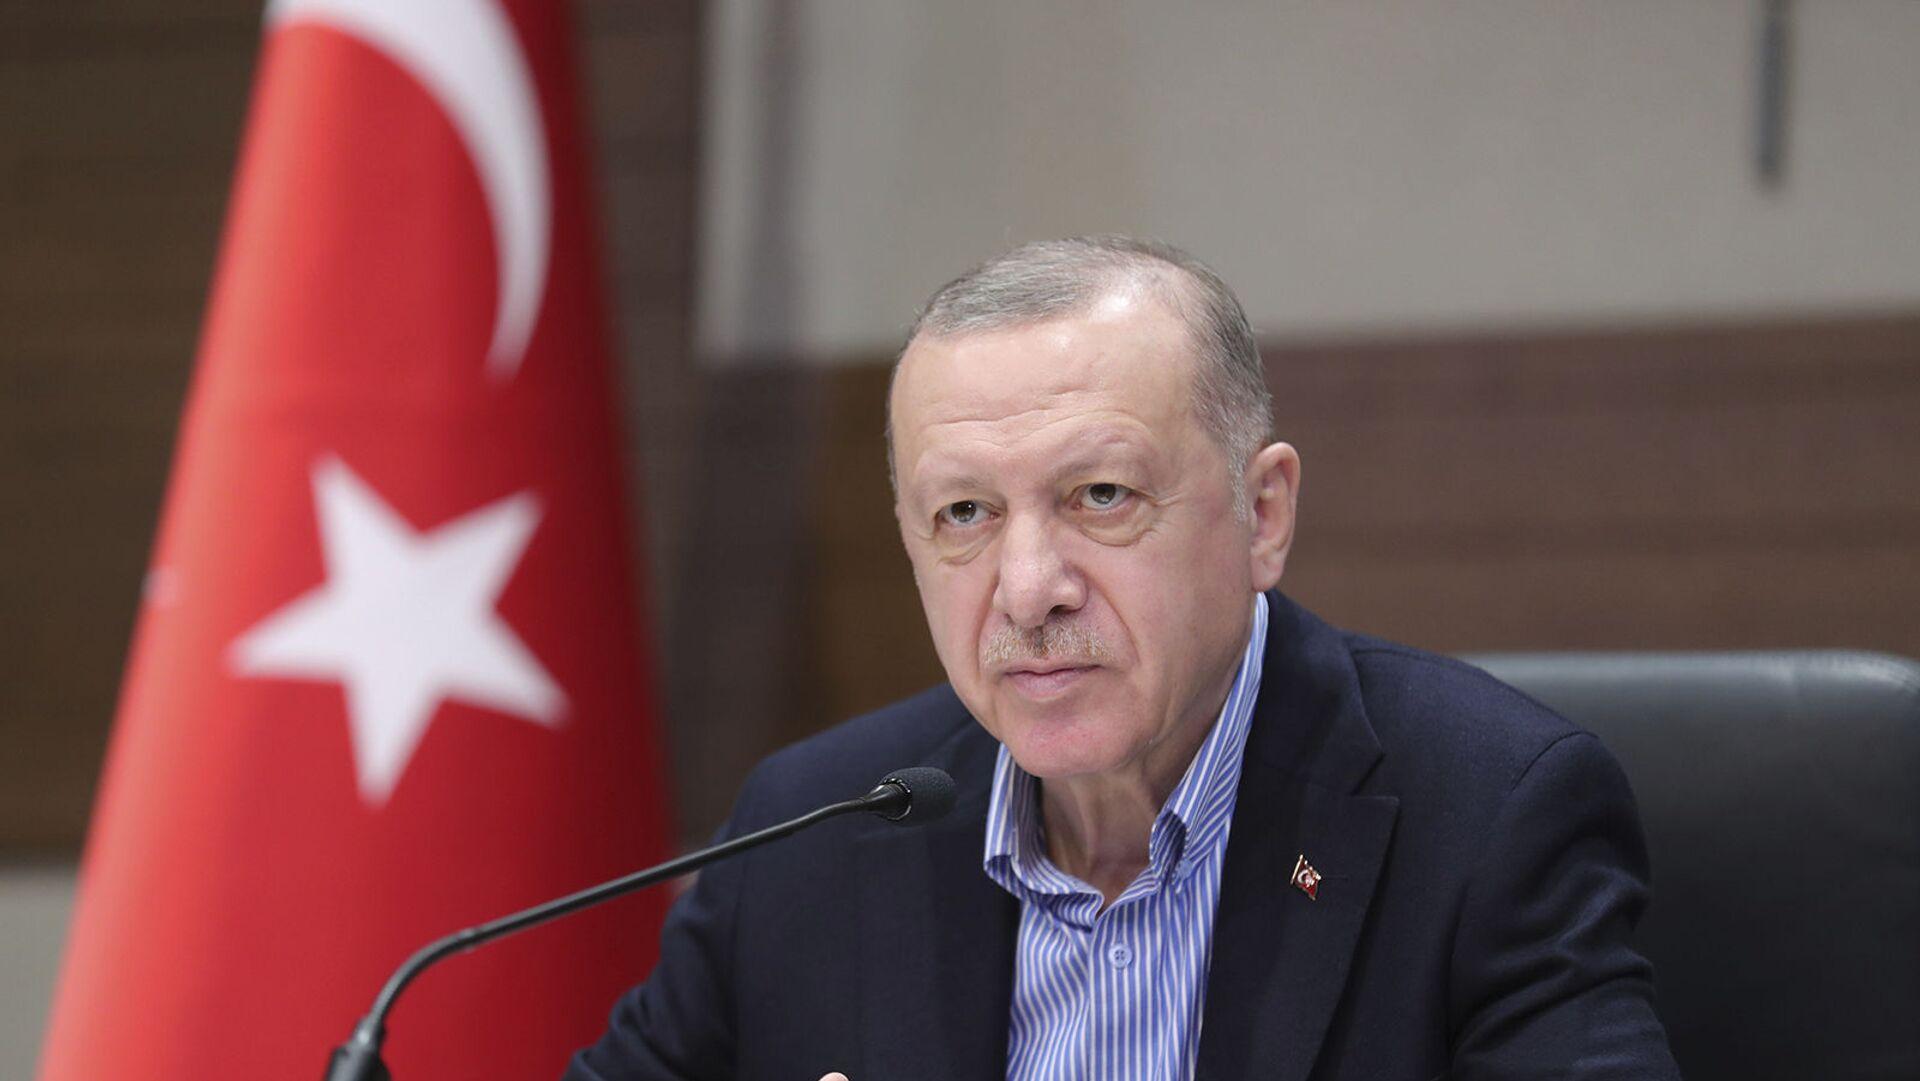 Թուրքիայի նախագահ Ռեջեփ Էրդողանը - Sputnik Արմենիա, 1920, 12.07.2021